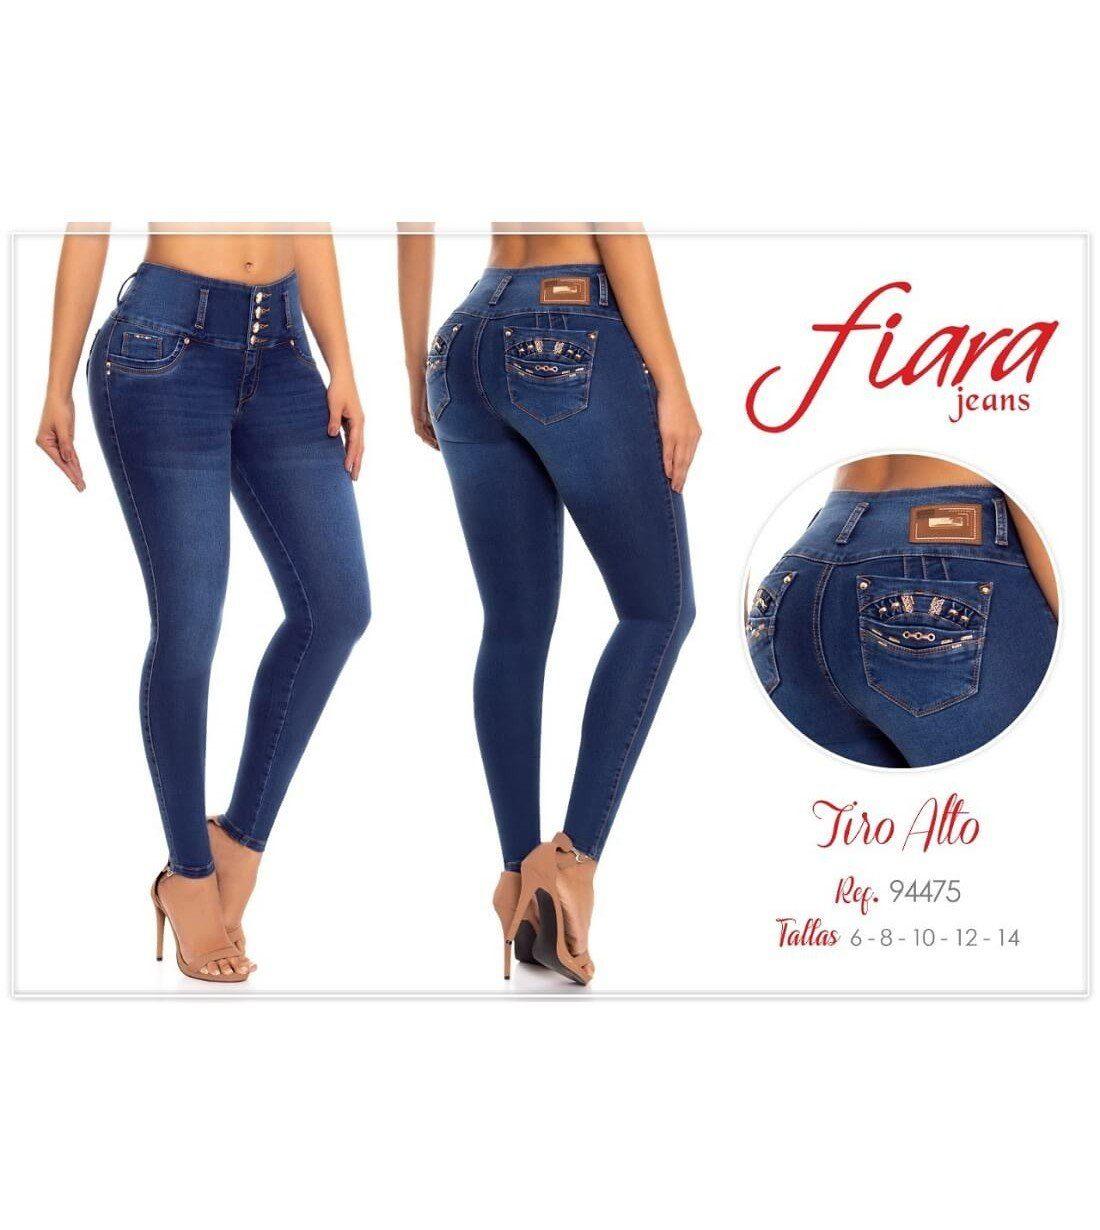 Pantalon Colombiano Do Jeans -94475